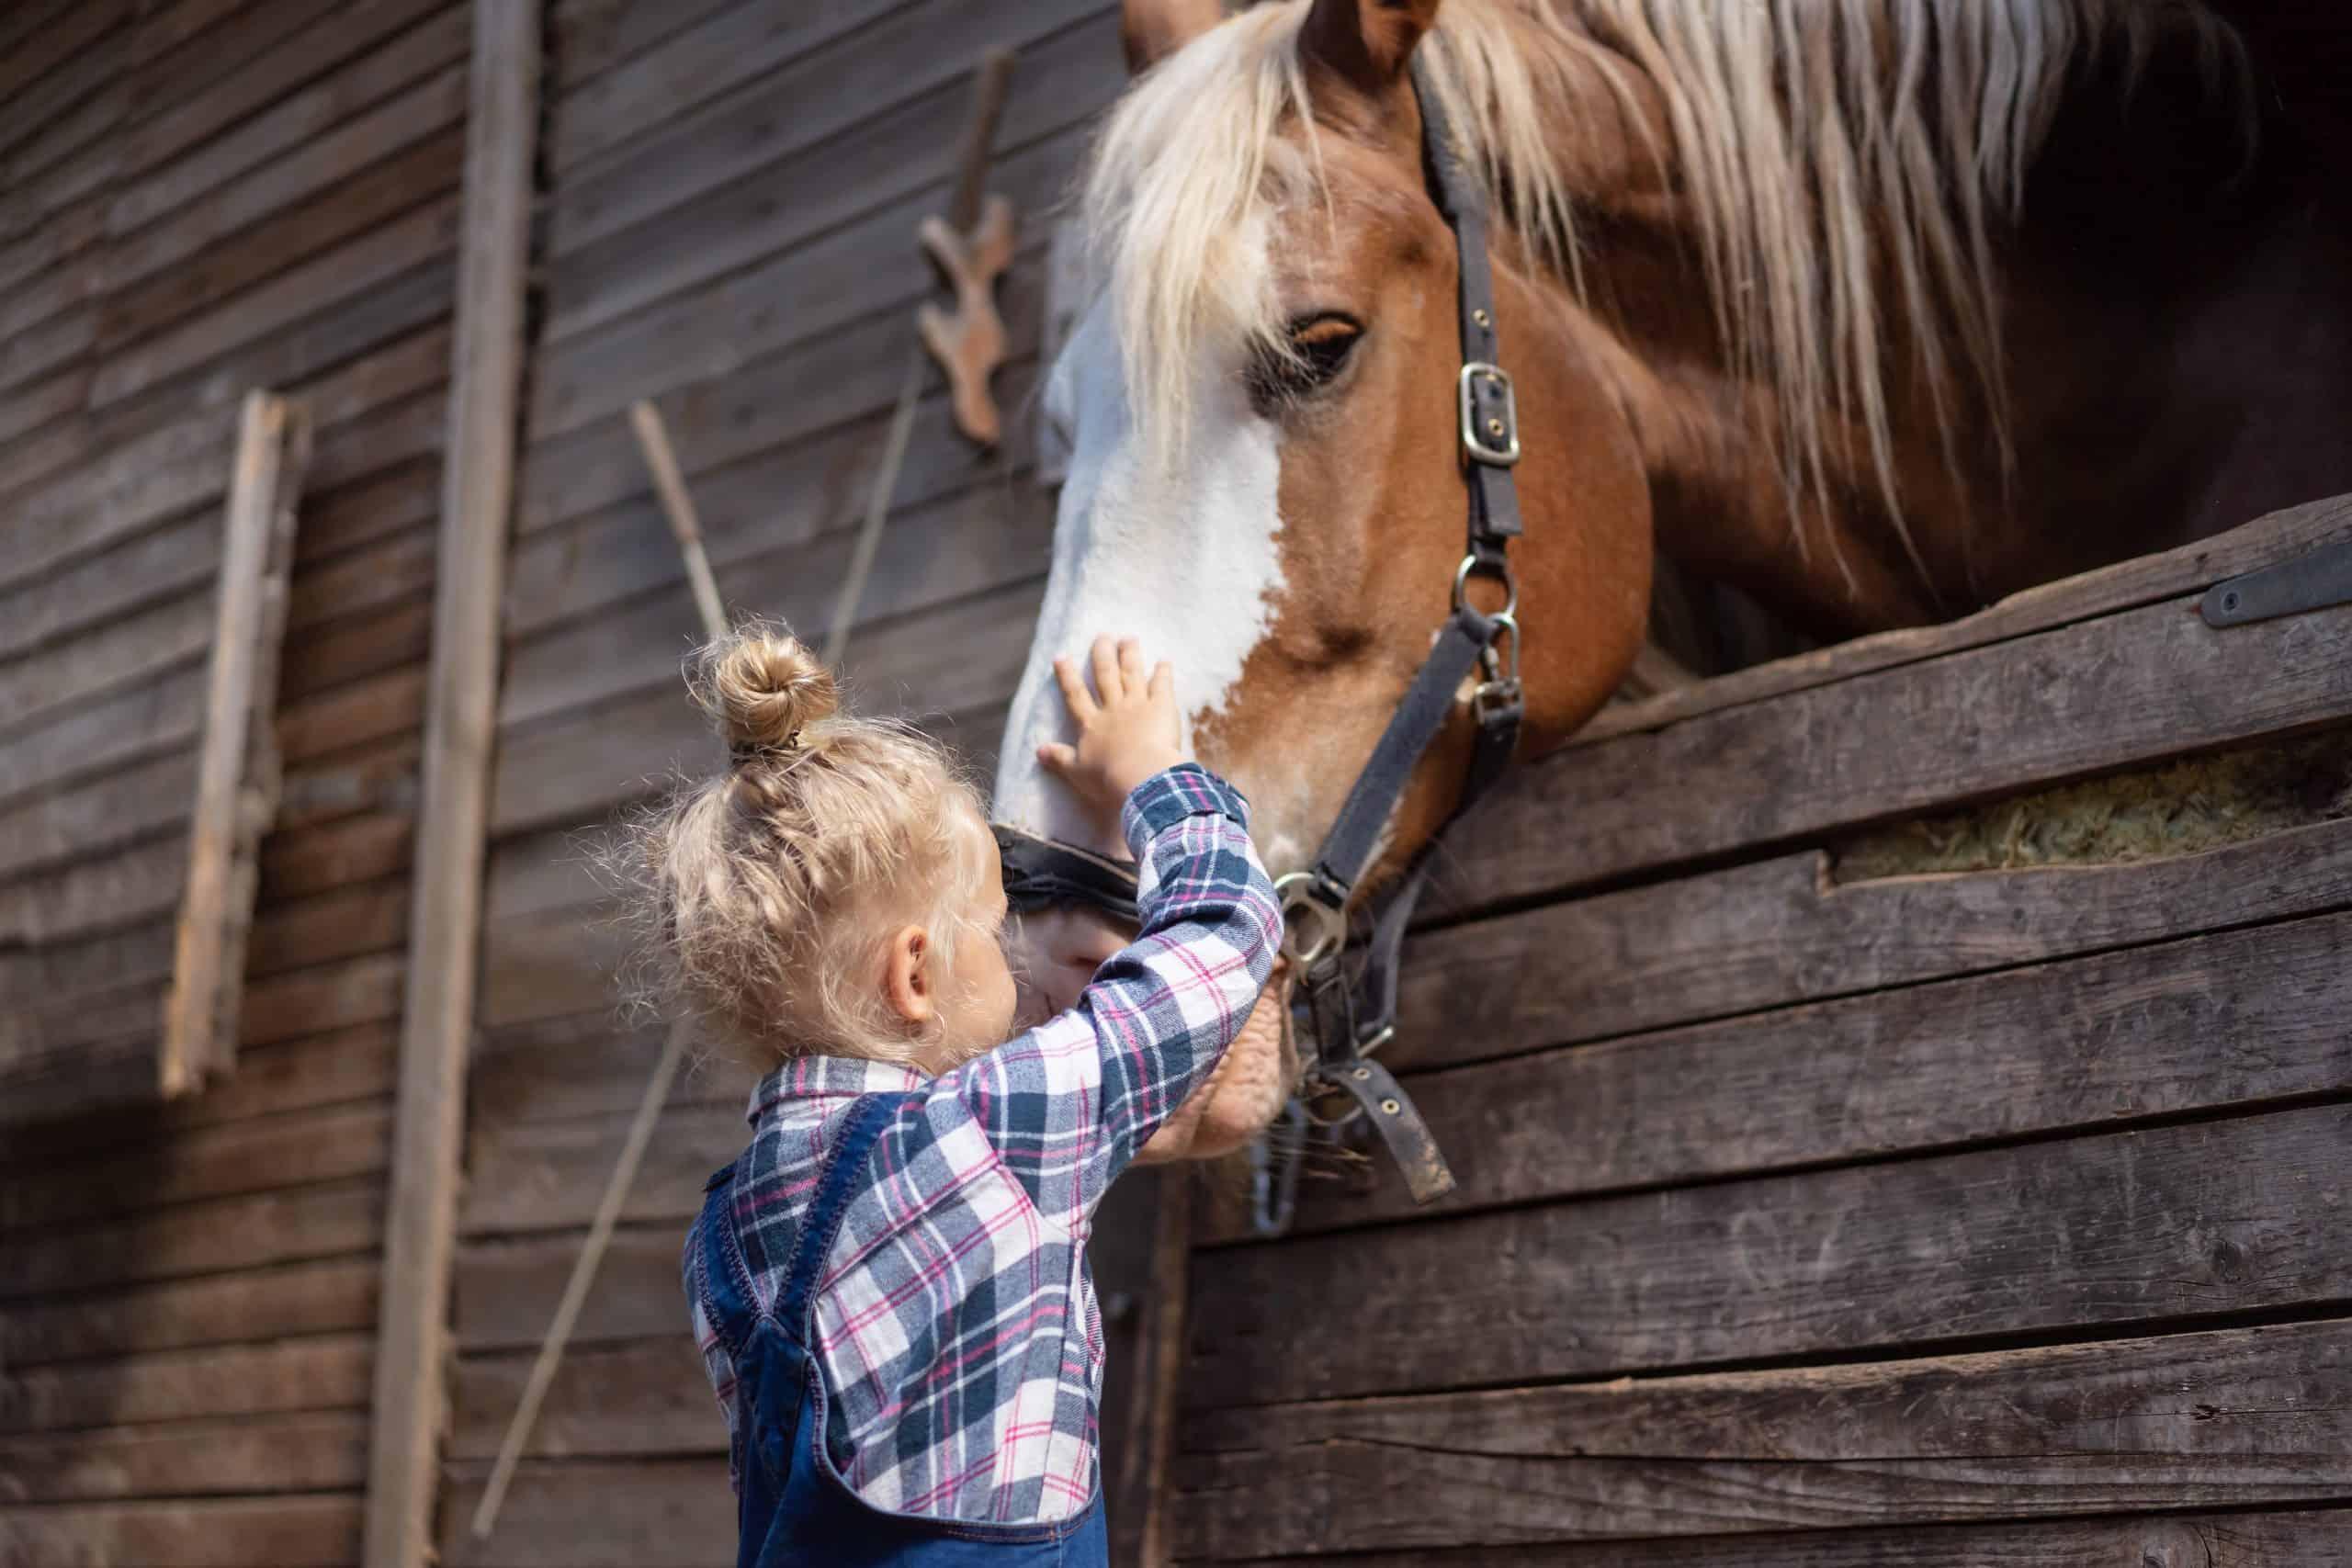 preteen kid palming big horse at farm